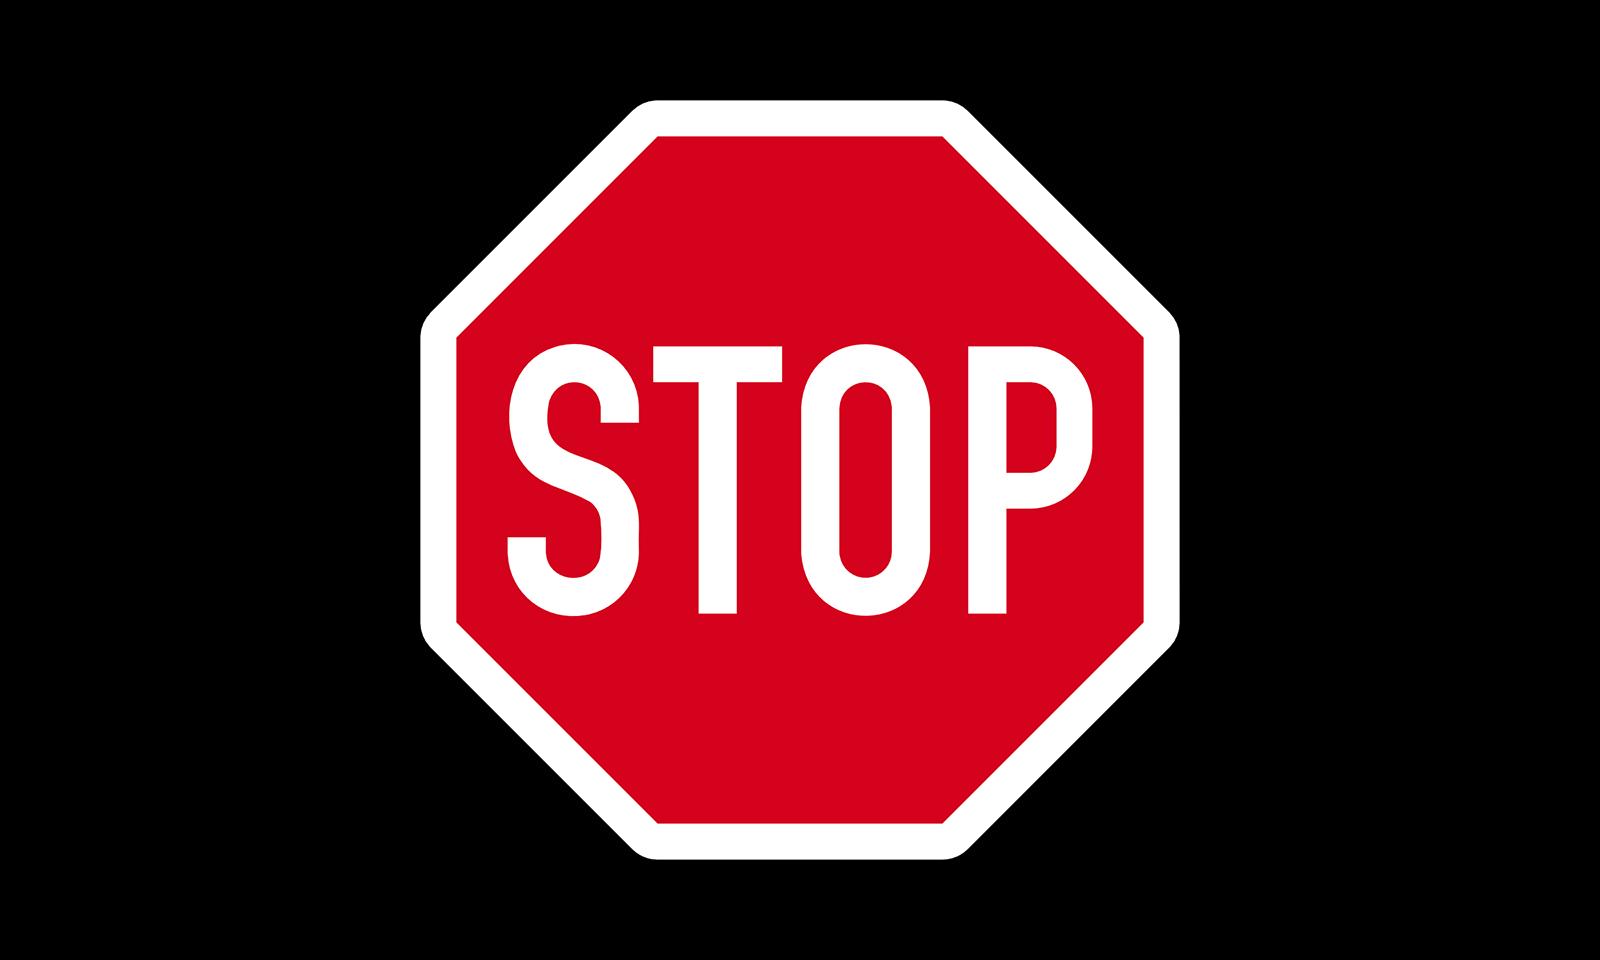 Wie müssen Sie sich bei diesem Verkehrszeichen verhalten